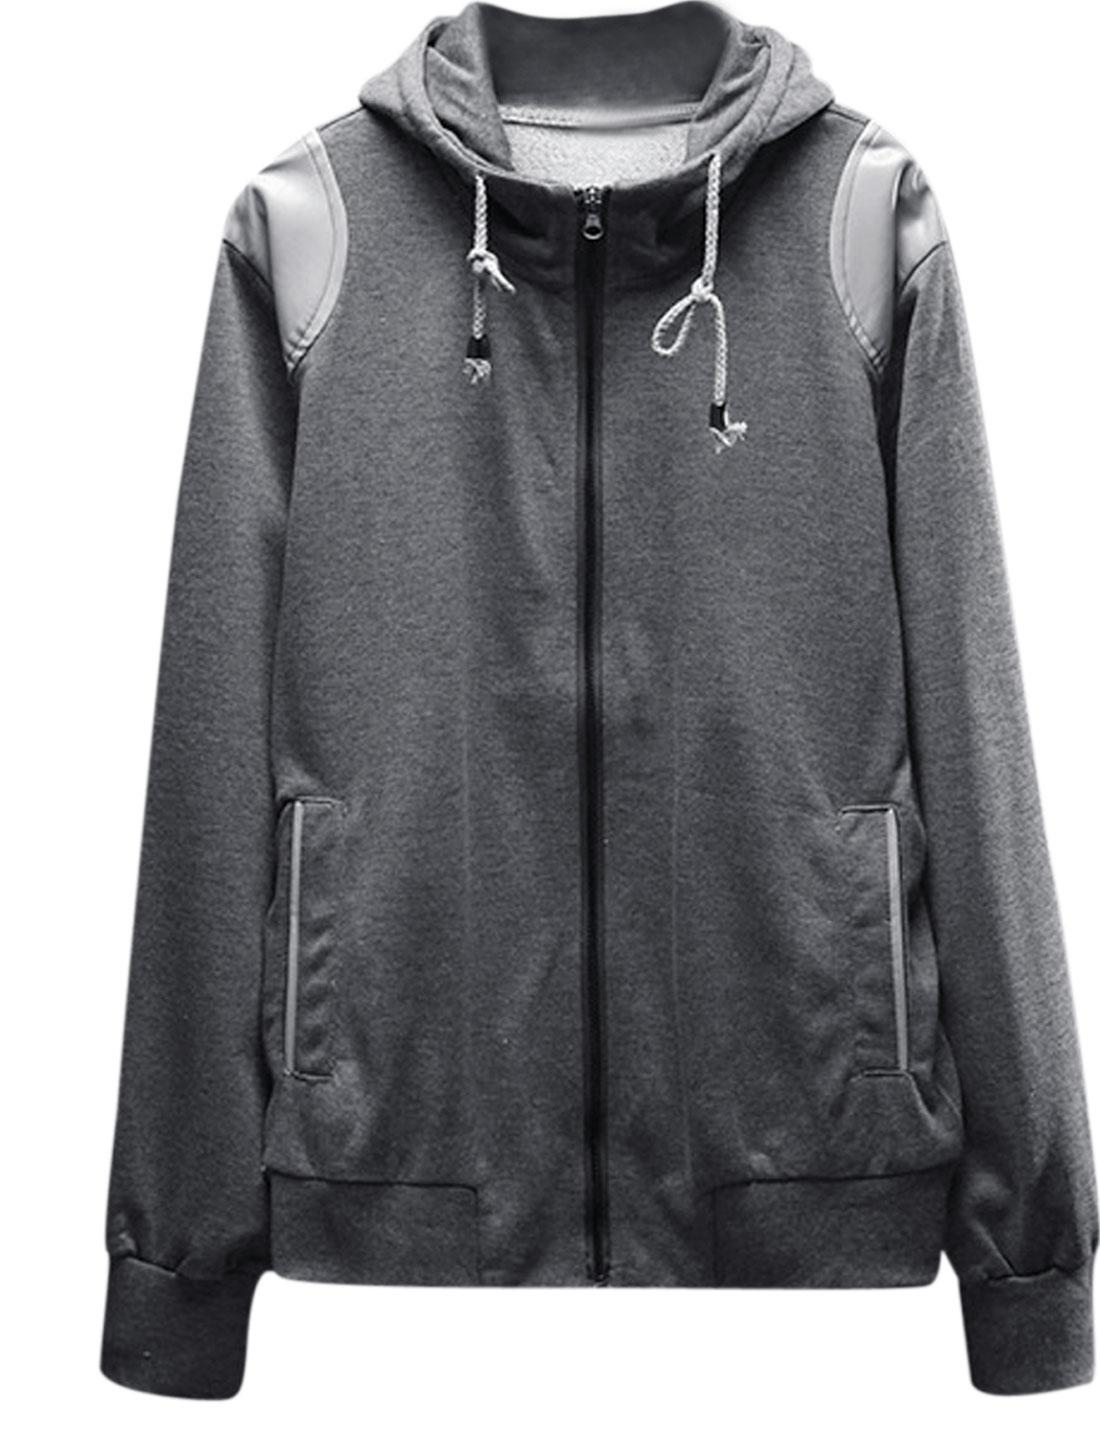 Men Zip Up Panel Long Sleeve Front Pockets Casual Hoodie Jacket Dark Gray S